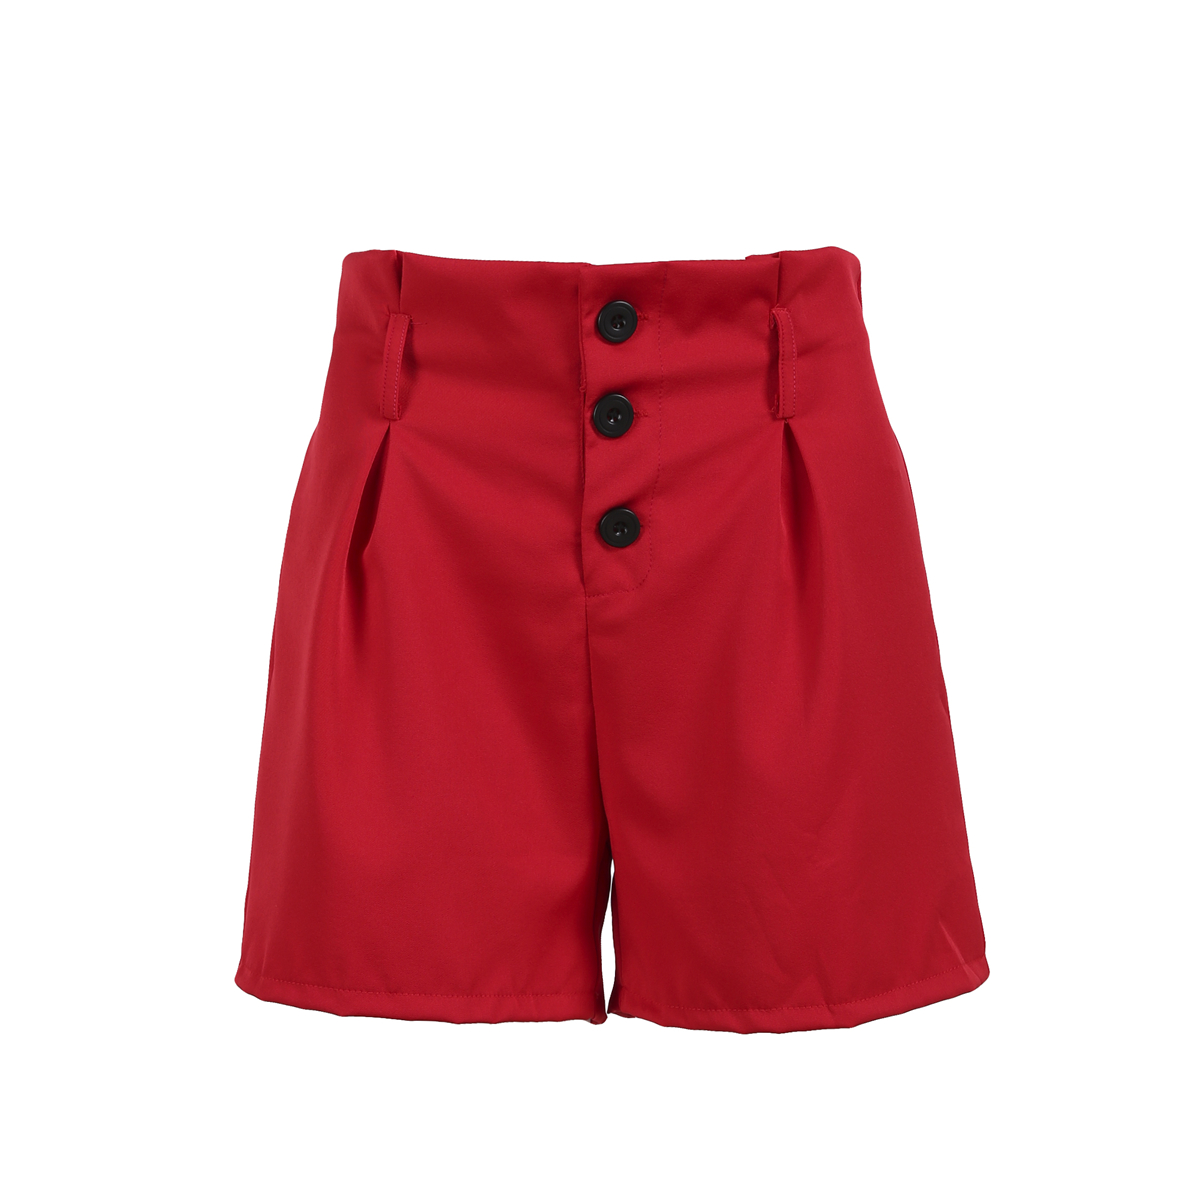 Женские пляжные шорты с высокой талией, повседневные летние пляжные шорты с декоративными пуговицами, спортивные брюки - Цвет: Красный